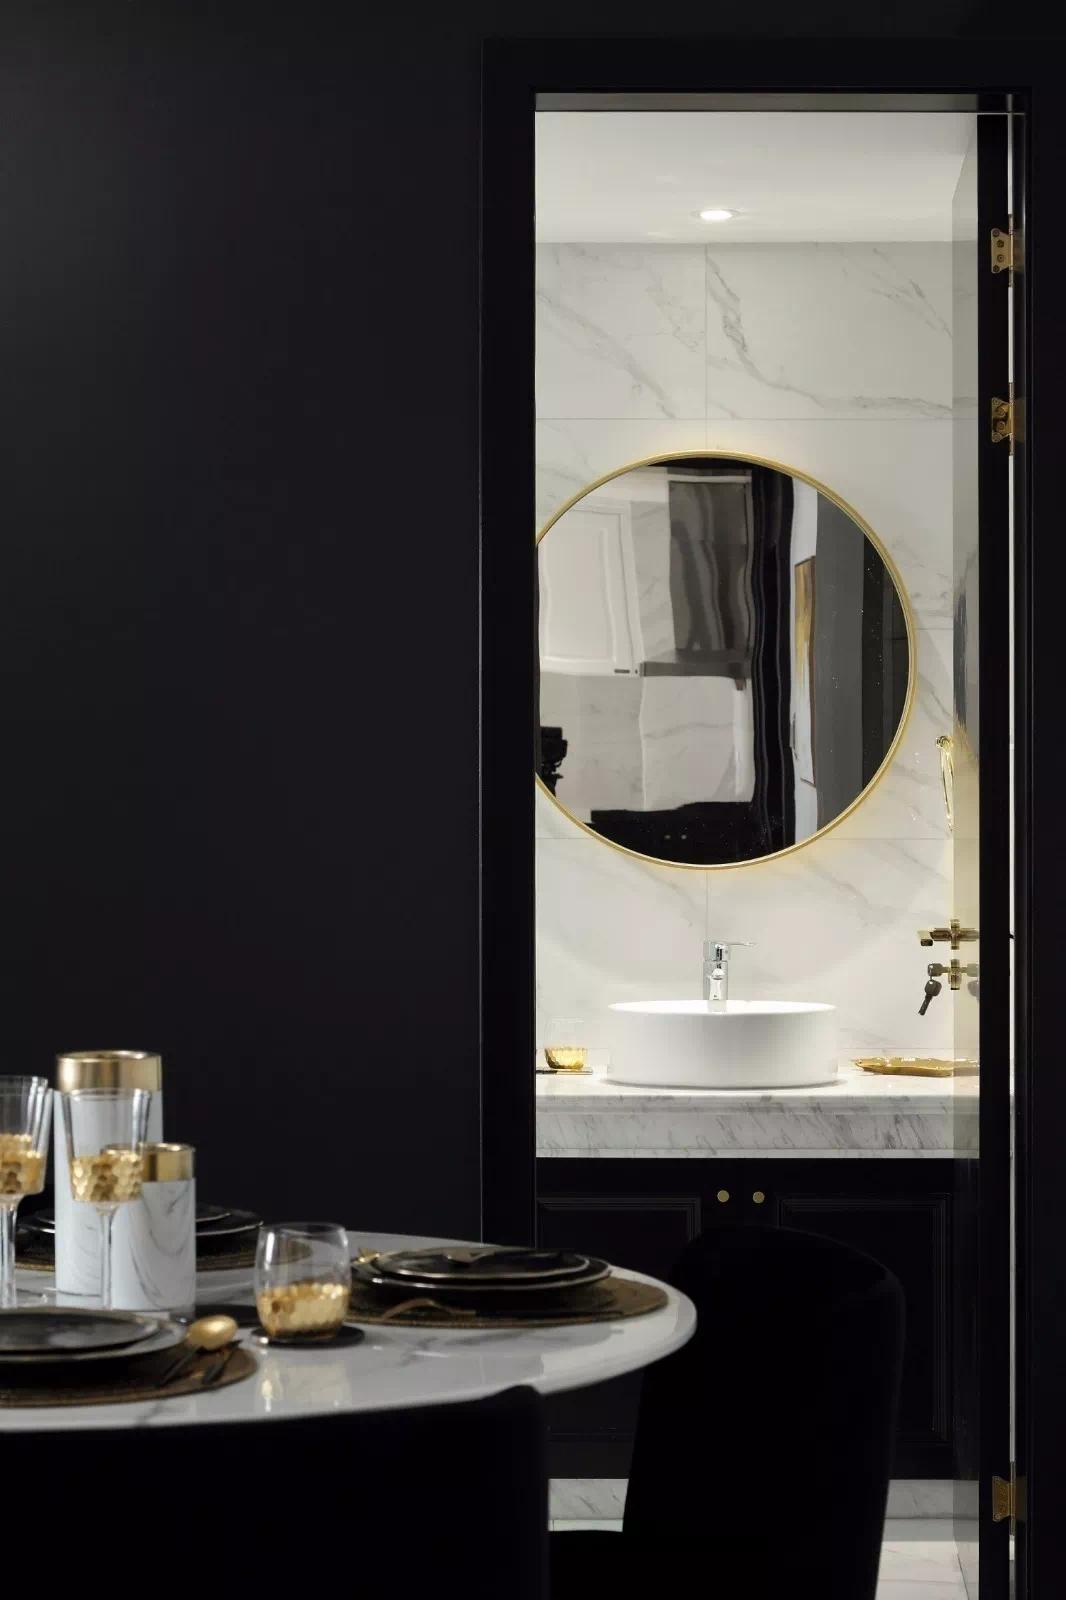 打造高级感的家,低调而奢华,你需要黄铜元素! 高级感 黄铜元素 第10张